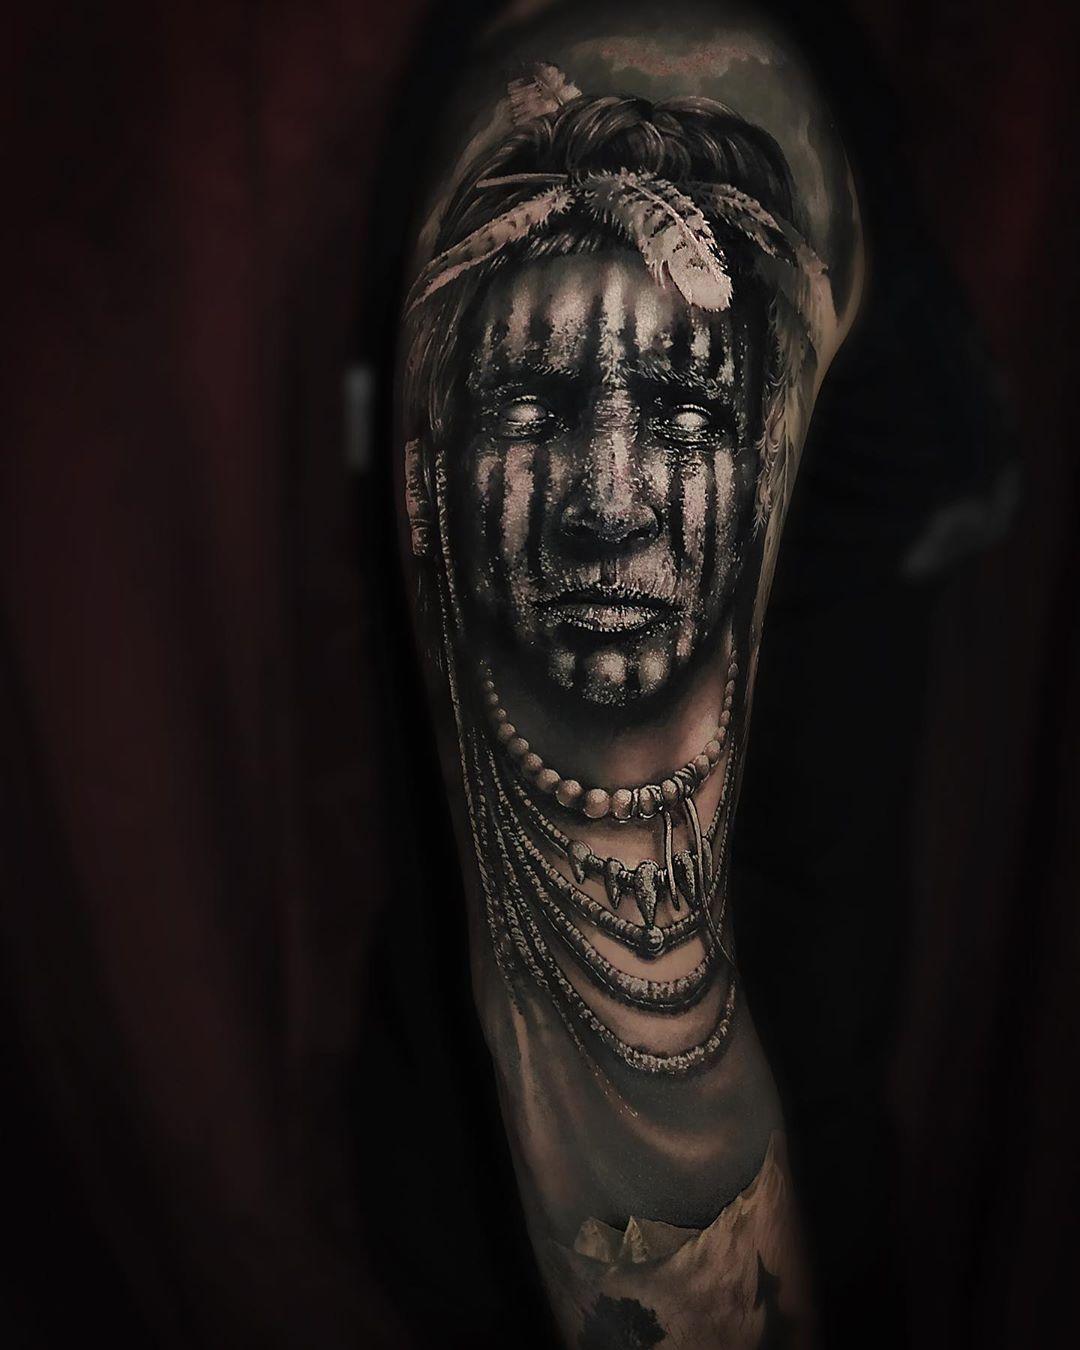 Repostando essa peça que continua se destacando entre meus últimos trabalhos. Feita com paciência, respeito e dedicação junto com o amigo @andrepoerschke  PuroSangueTattooStudio  @rafaelalves013 Dúvidas e agendamentos 49 98825.3052  Acesse www.purosanguetattoo.com.br  #blackandwhite #blackandgreyink #purosanguetattoo #tattoo #tattoos #bestattoo #tattooistartmag #tattooer #tattooig #surealism #realismotattoo #blackandgrey #blackandgreytattoo #tattoopretoecinza #tatuagemrealista #tattoobrazil #tat